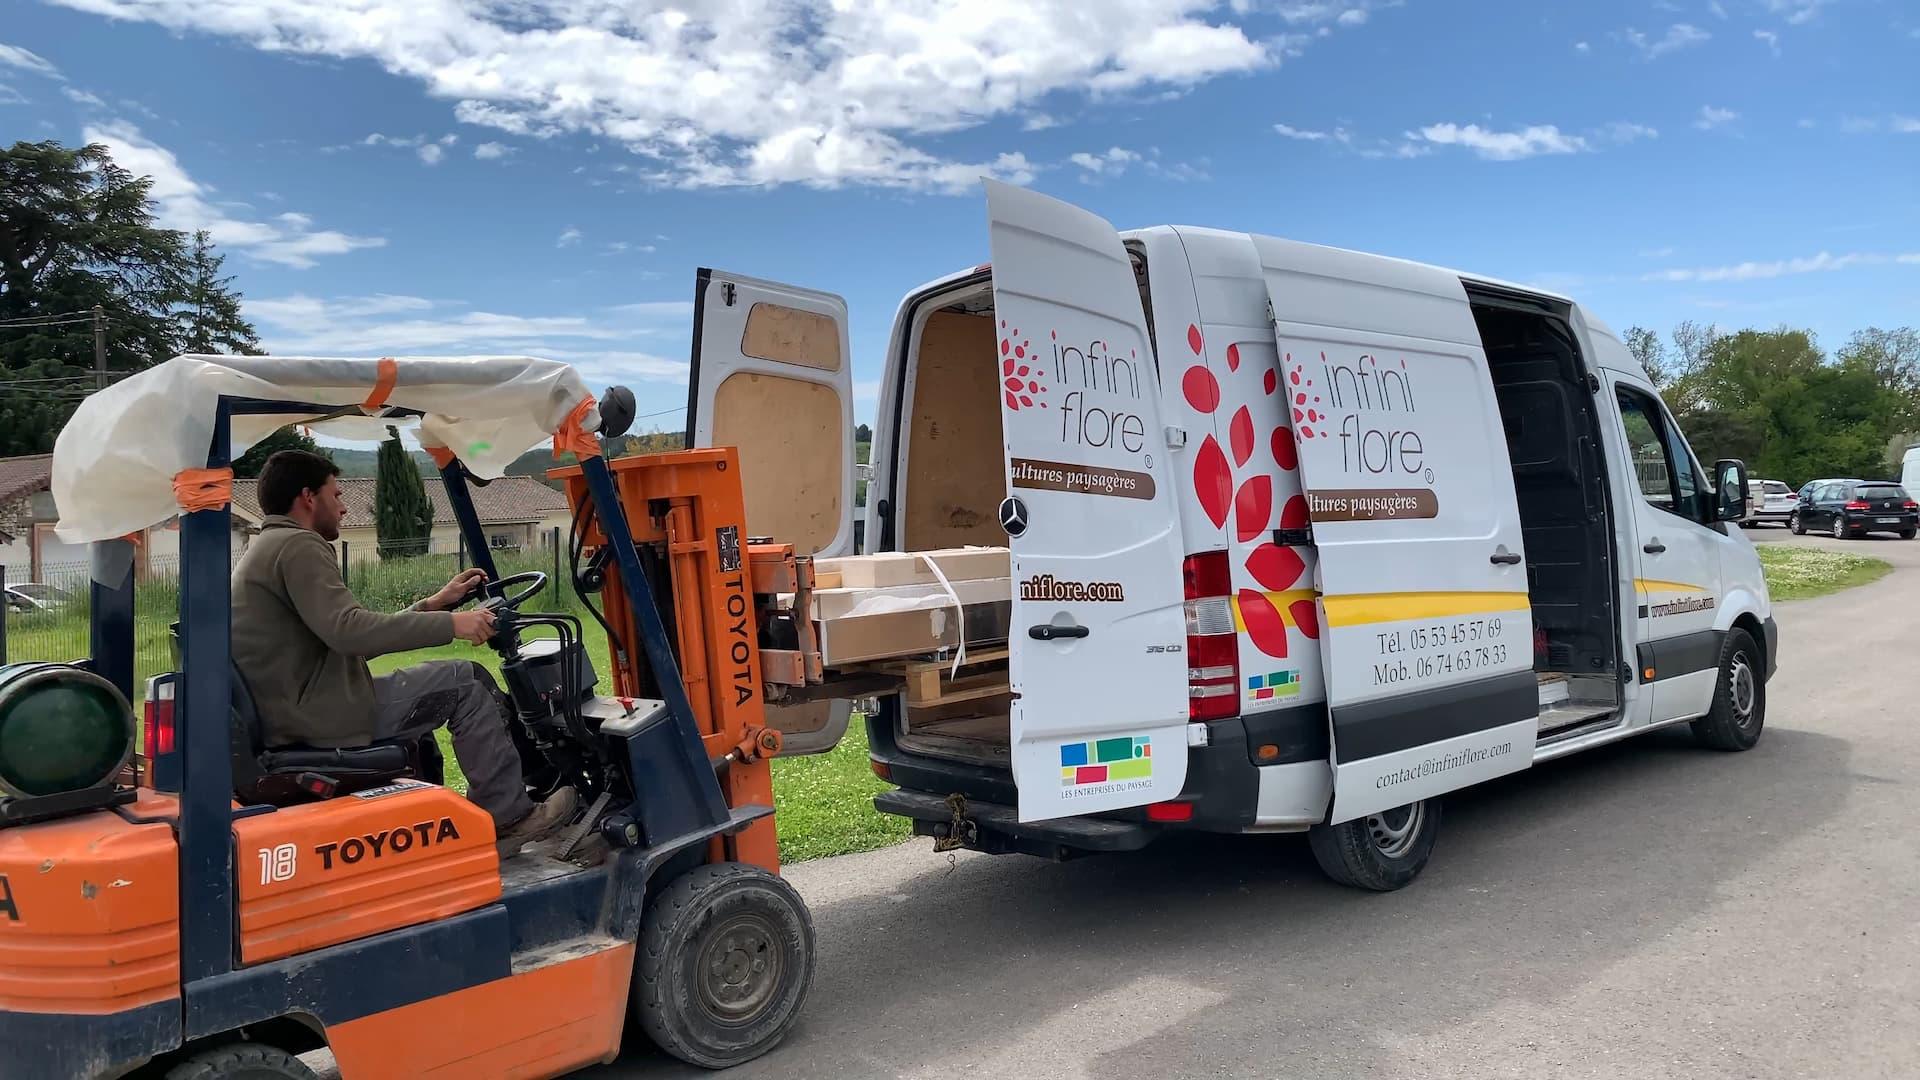 Un camion Infiniflore en train d'être chargé